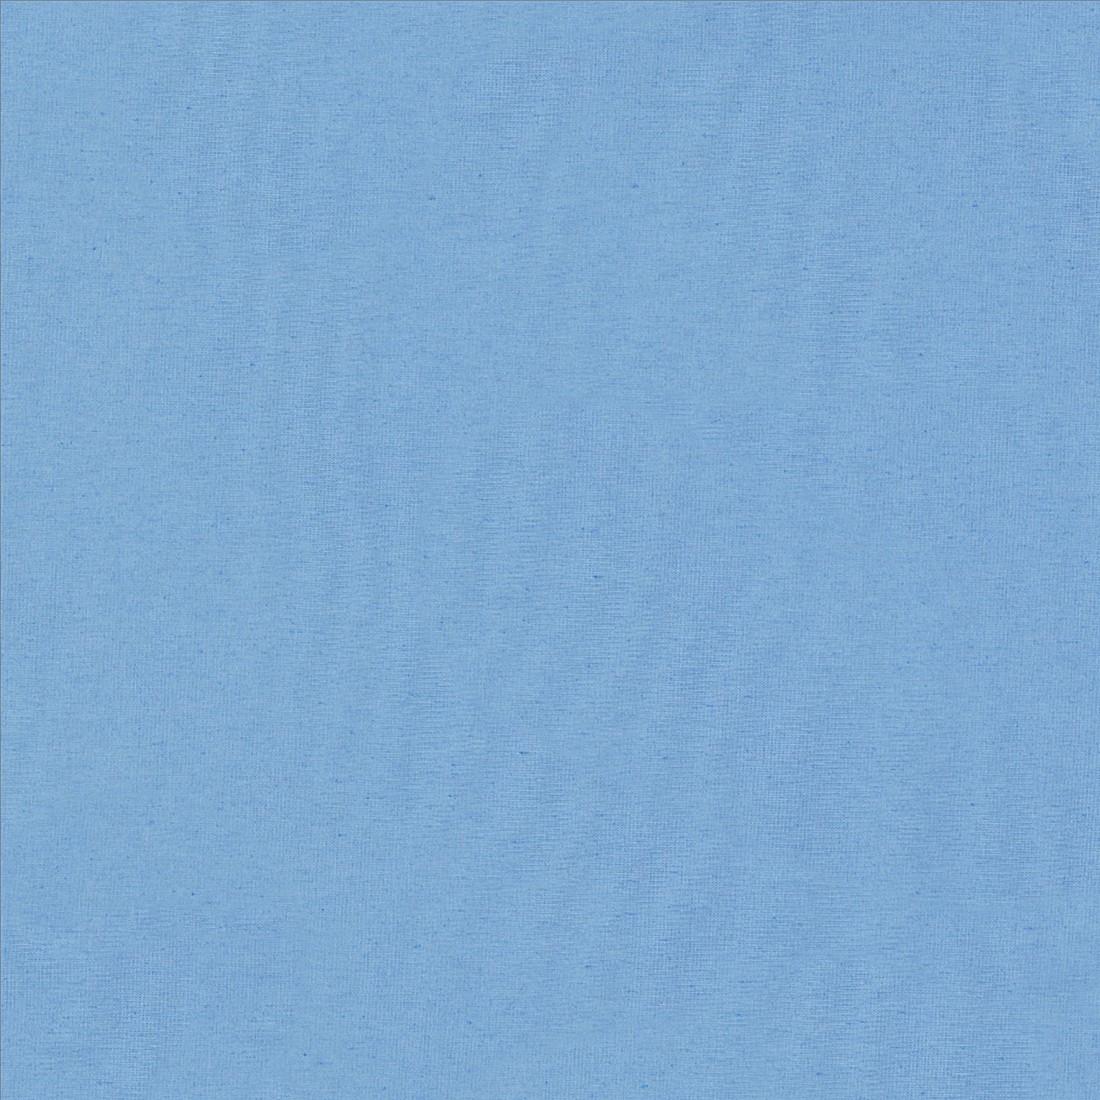 Tischdecke Country – Kornblume – 125 x 125 cm, Villeroy&Boch günstig bestellen